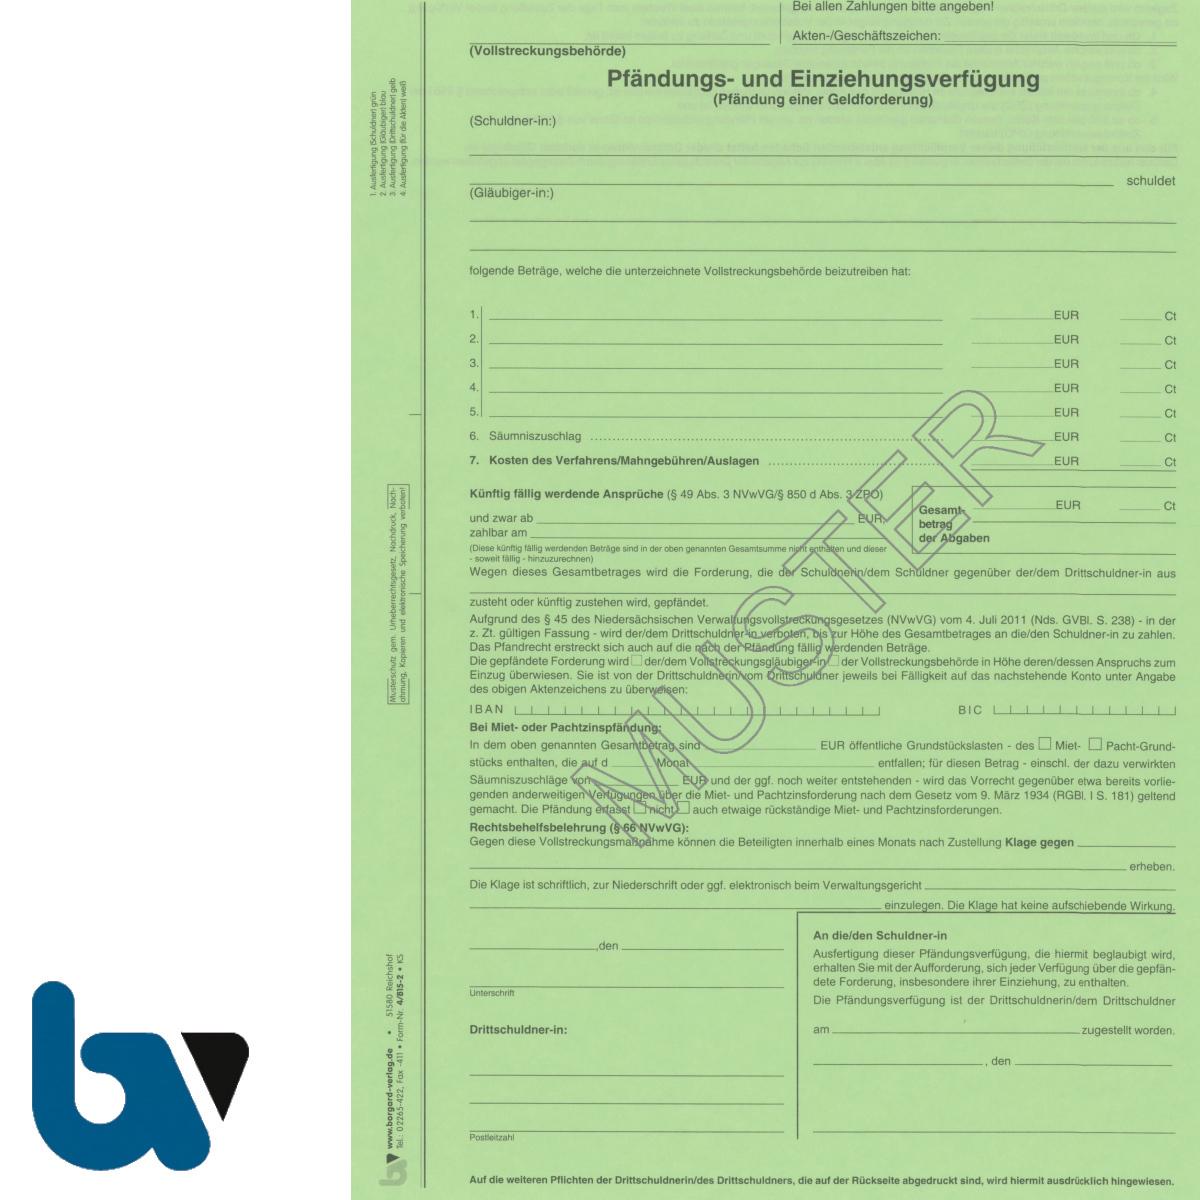 4/815-2 Pfändung Einziehung Verfügung Geldforderung Niedersachsen Vollstreckung ZPO NVwVG 4-fach selbstdurchschreibend DIN A4 Vorderseite | Borgard Verlag GmbH